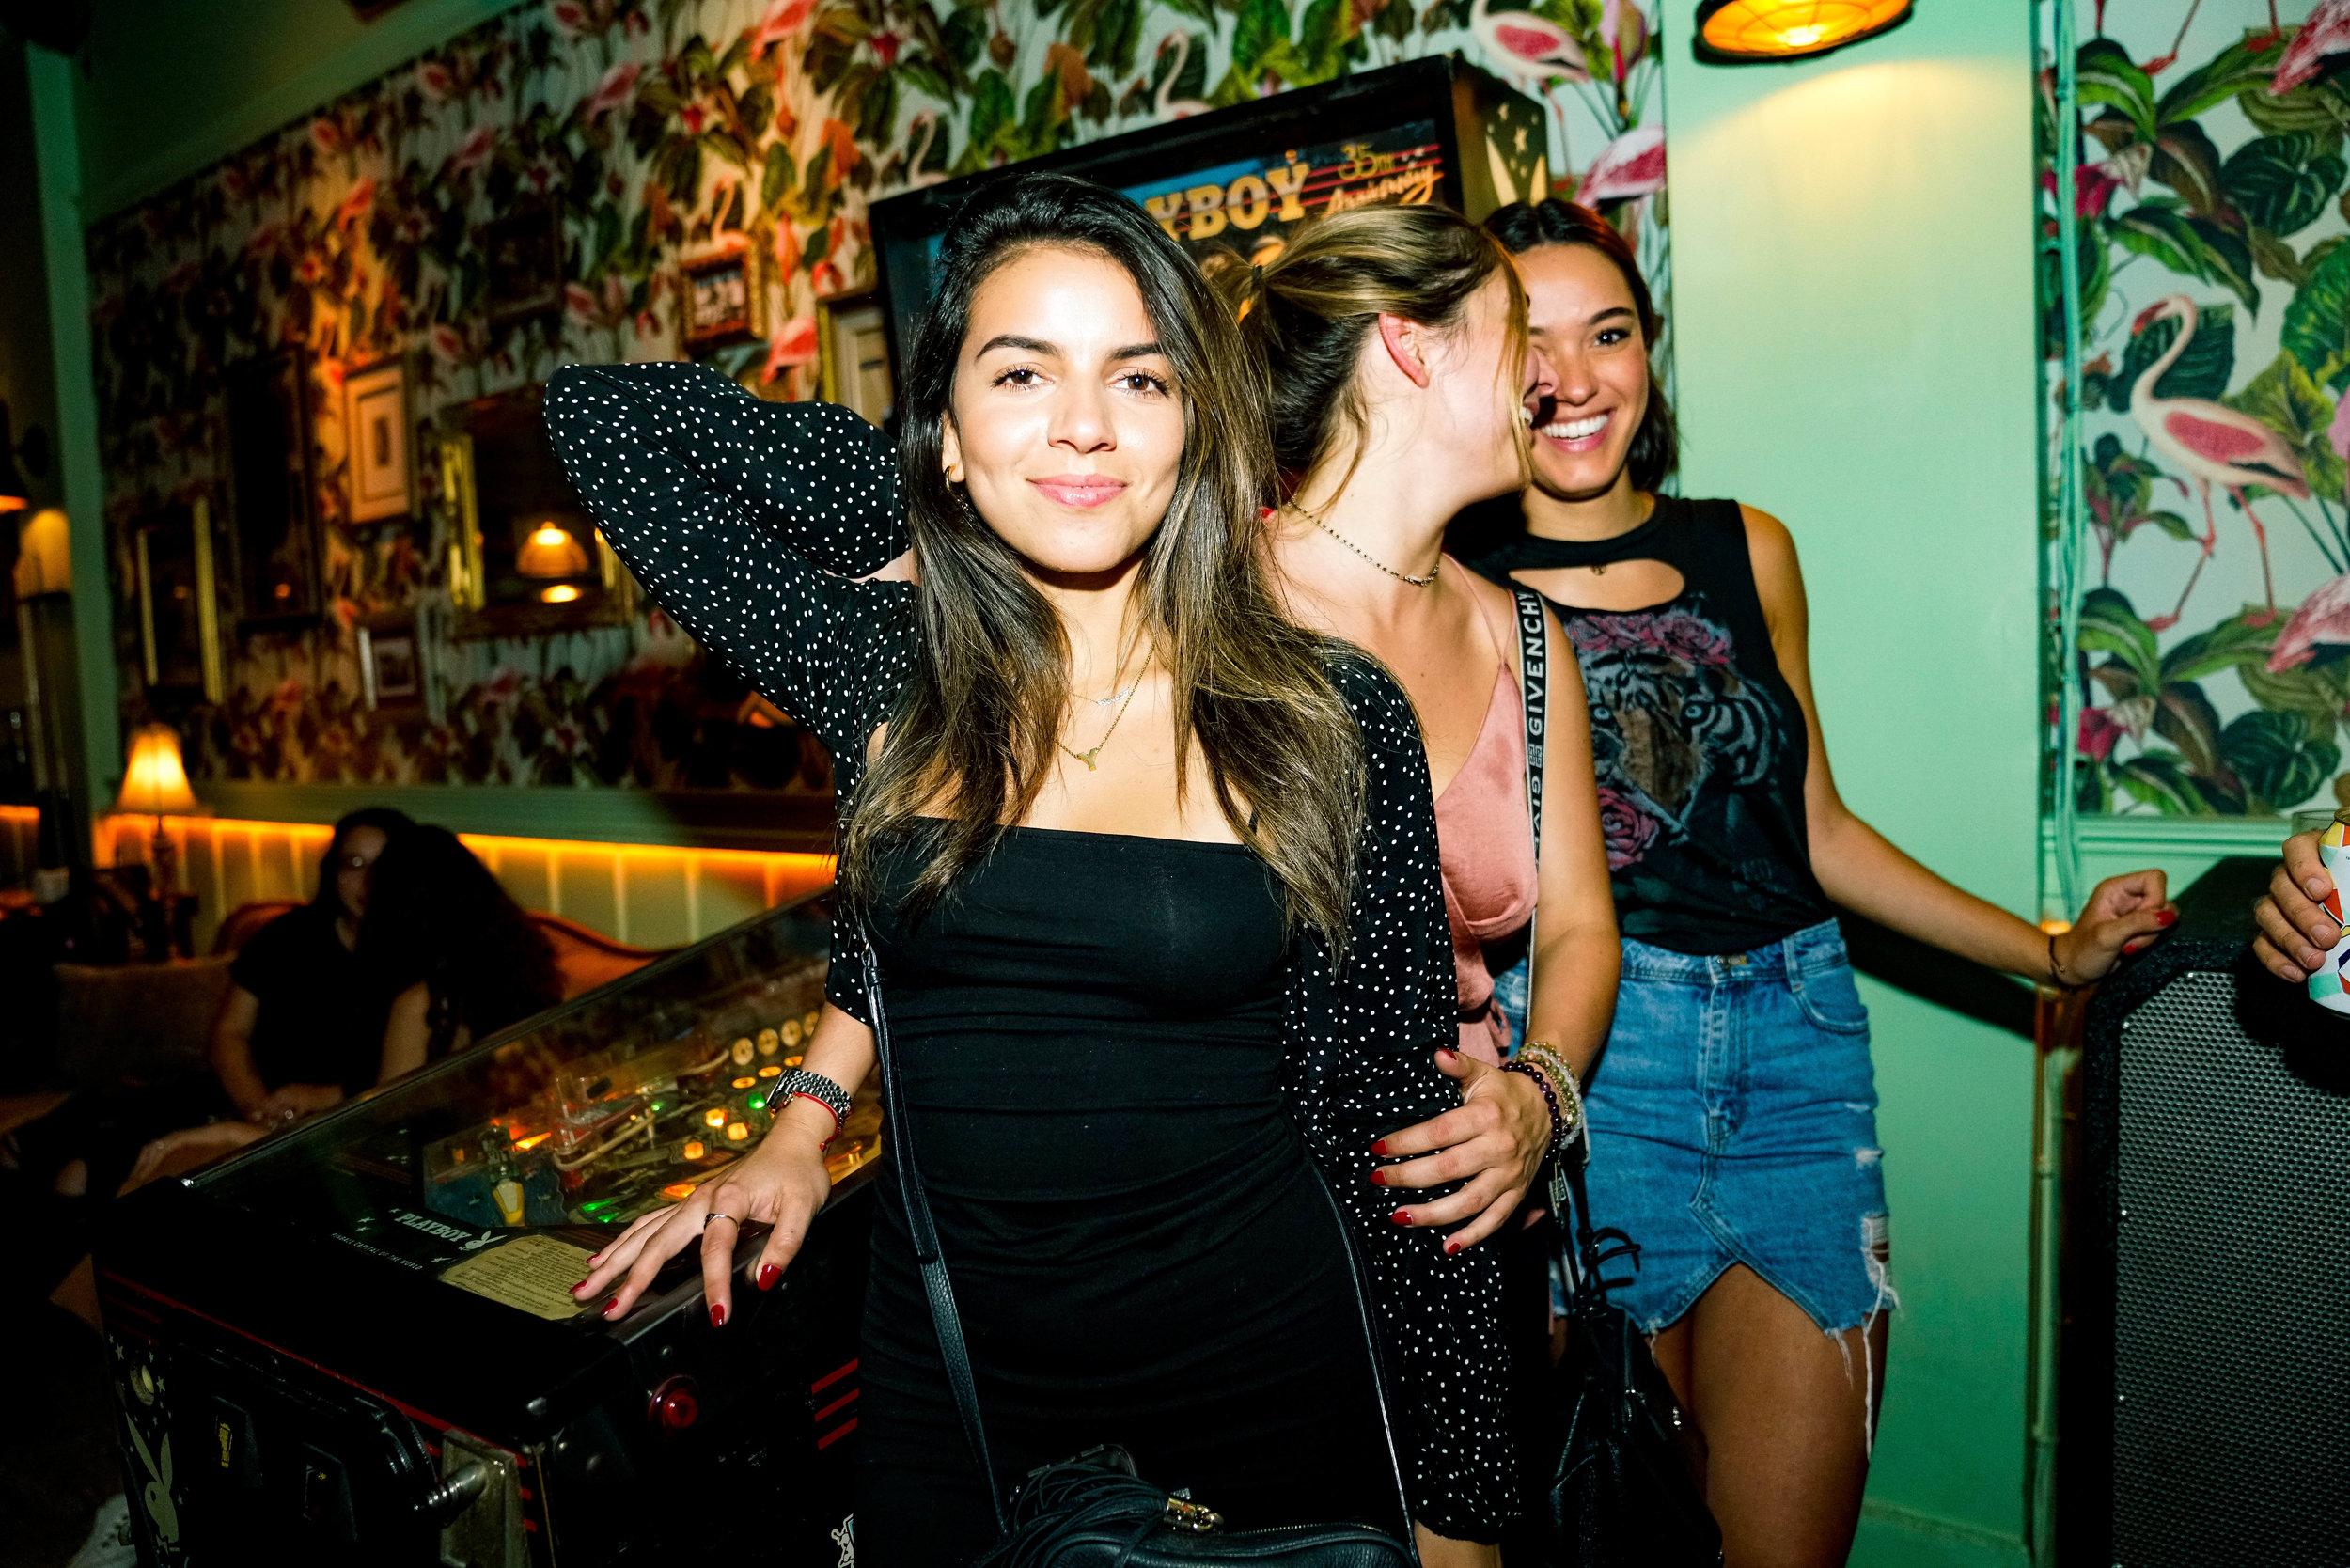 The Sylvester Bar